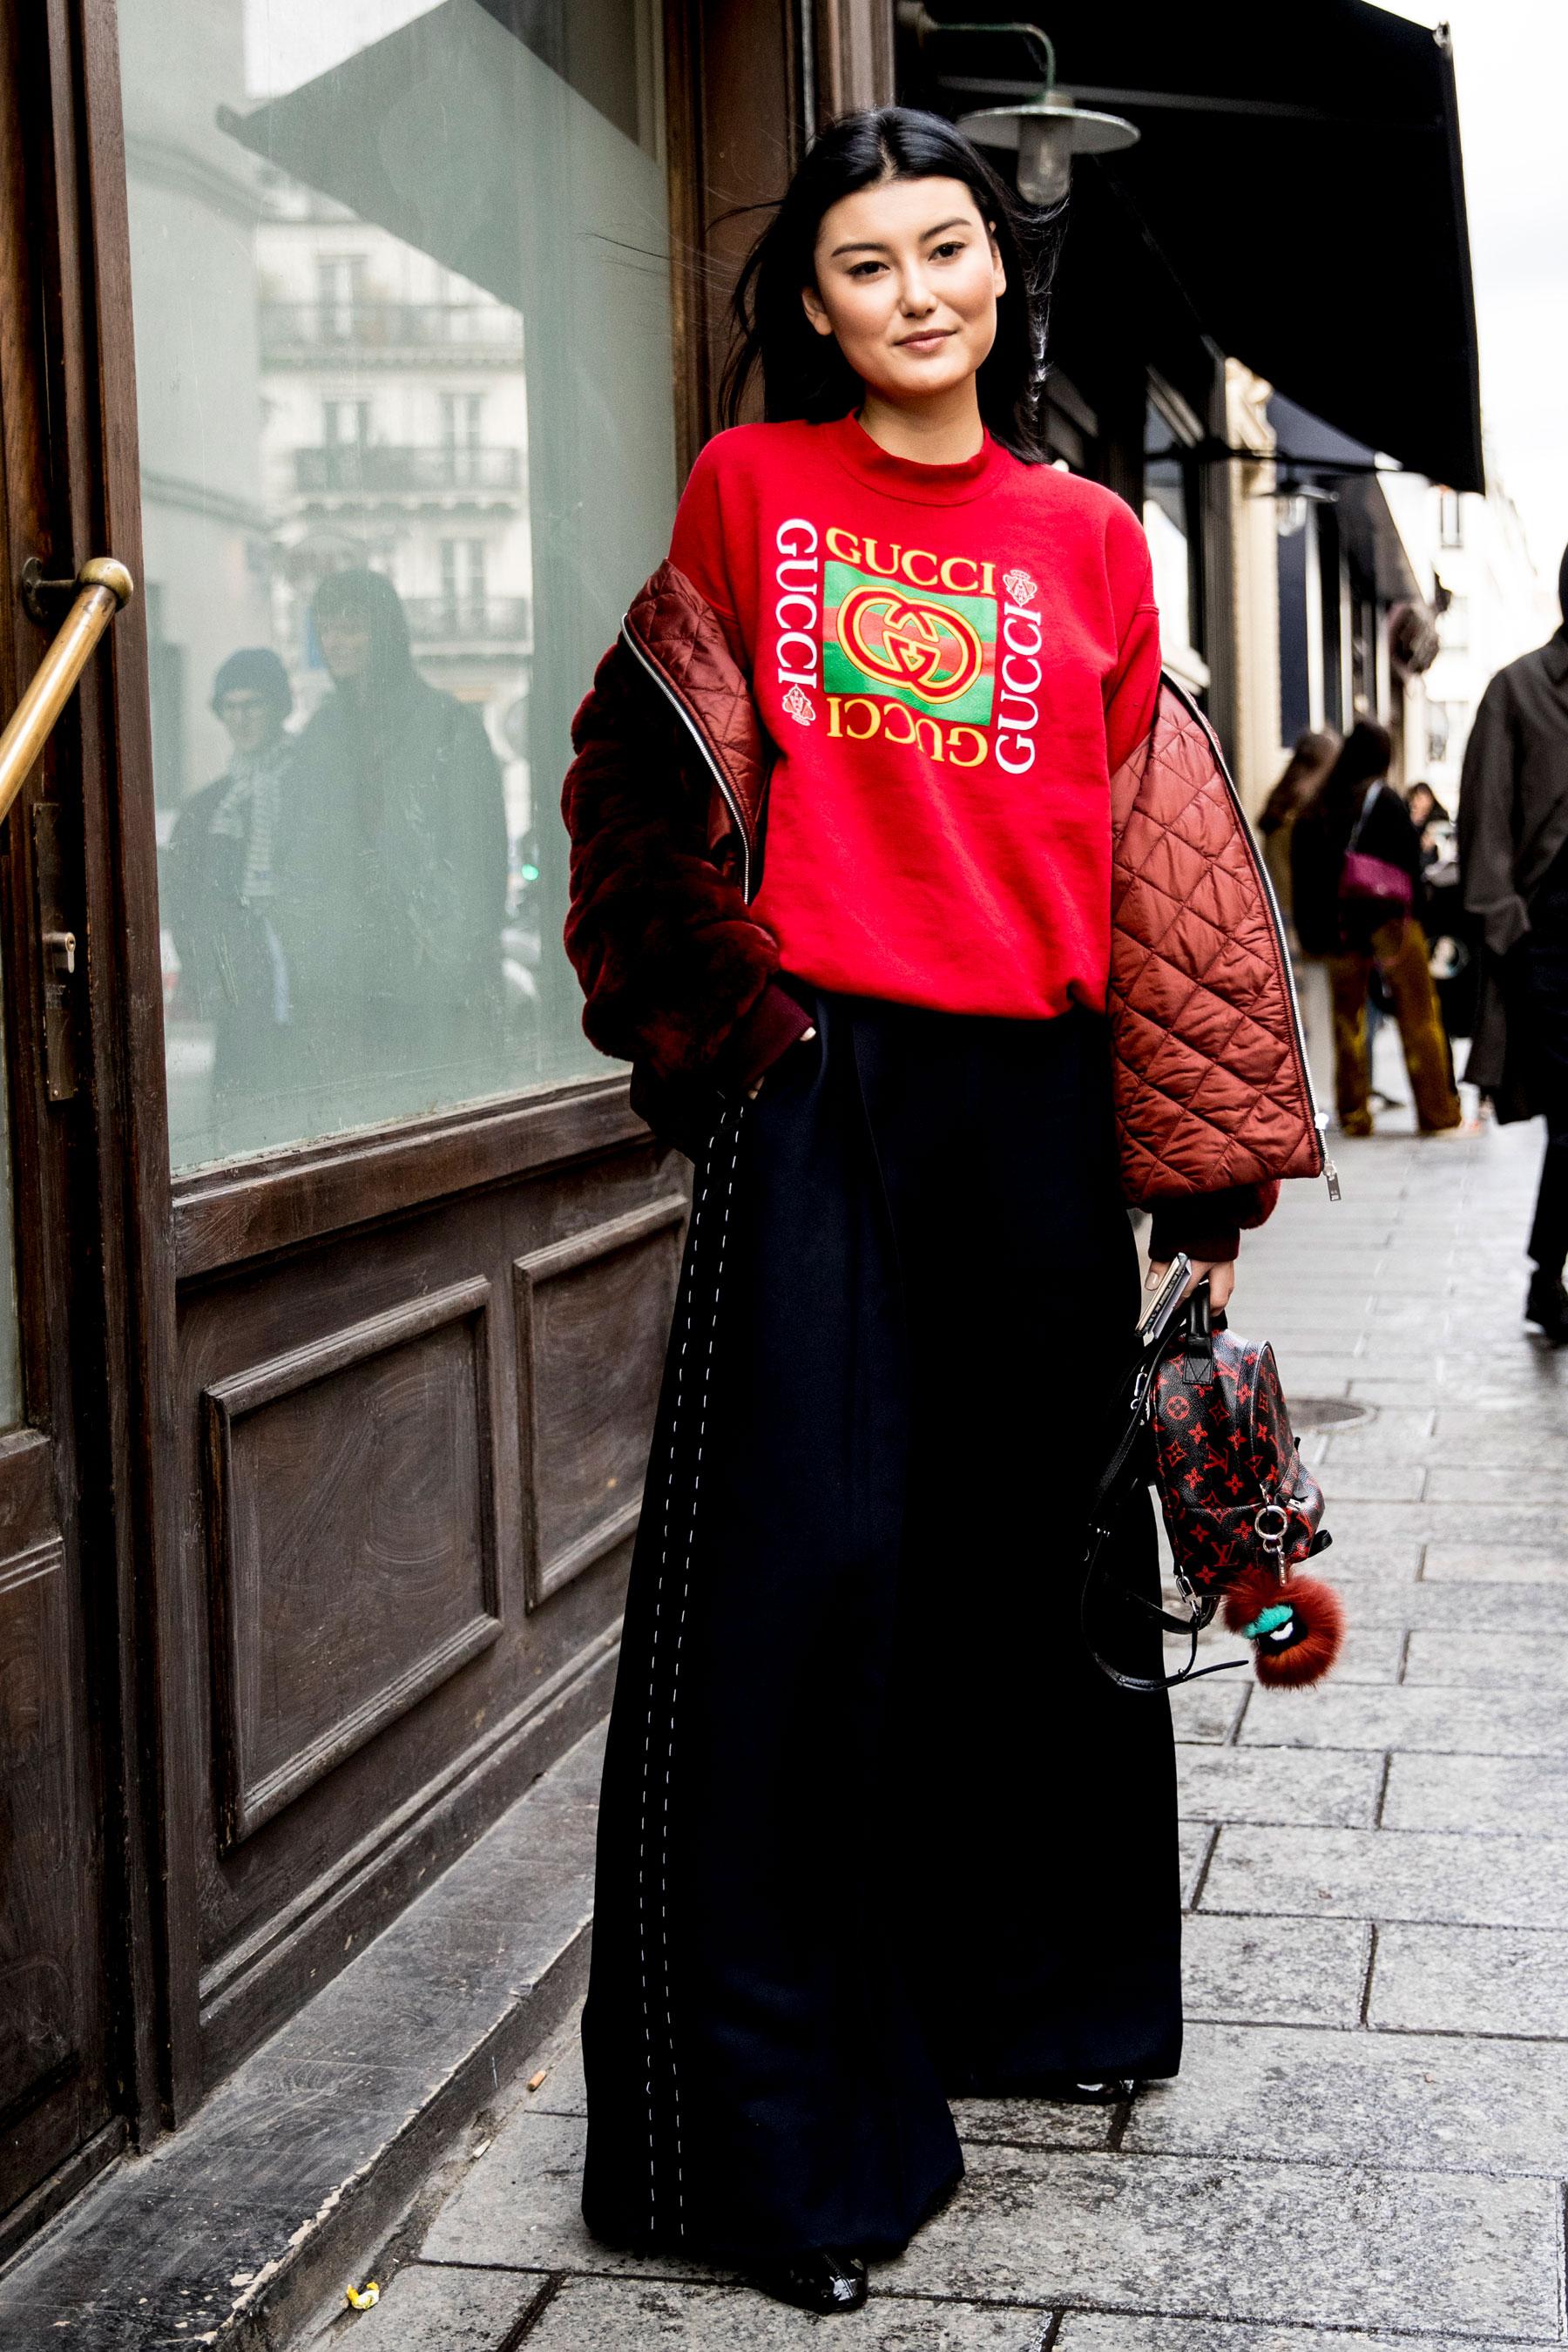 Dit Zijn De Beste Looks Gespot Op Straat In Parijs Tot